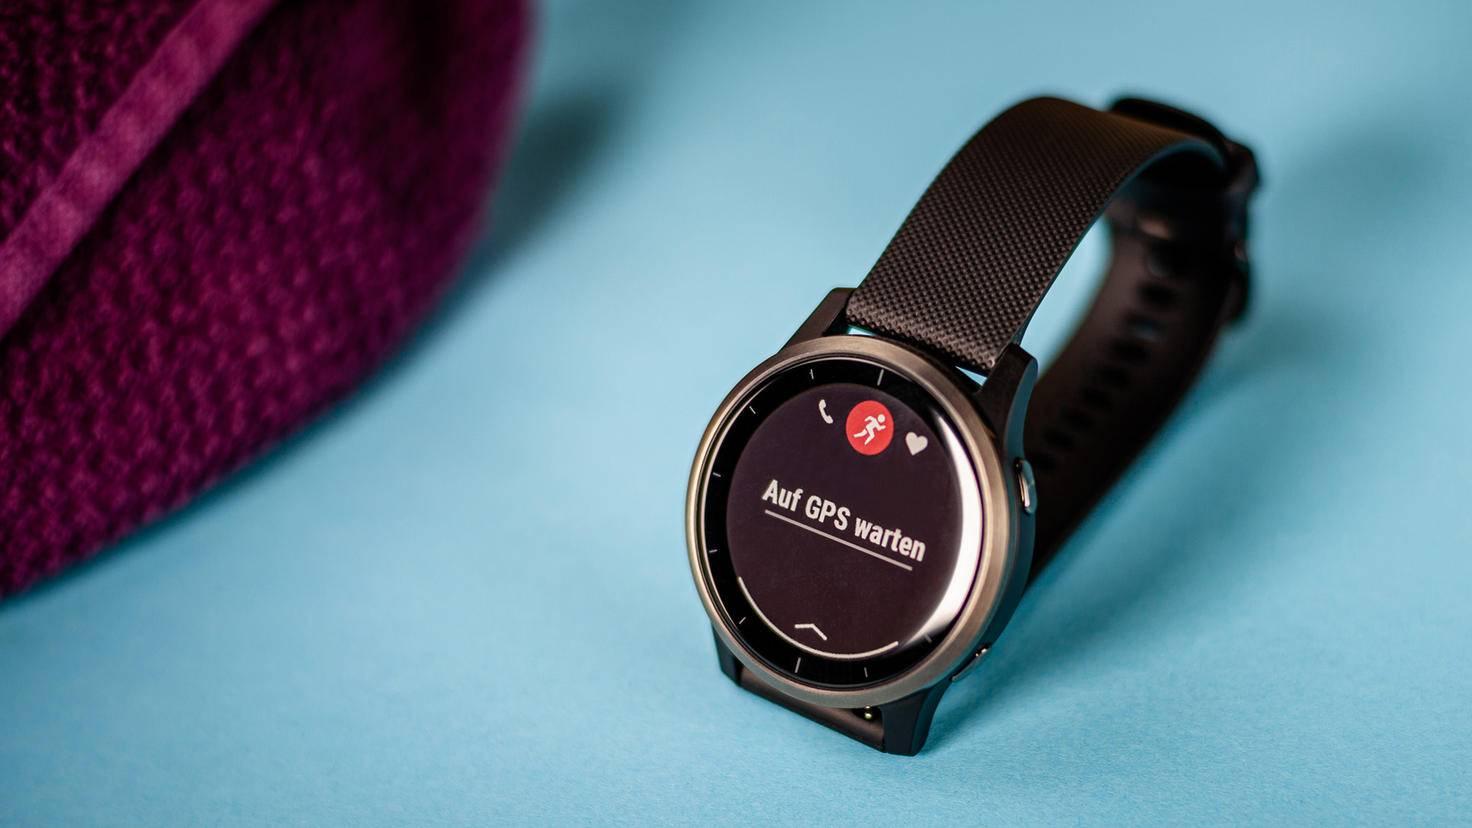 Integriertes GPS gehört zu den Stärken der Smartwatch.